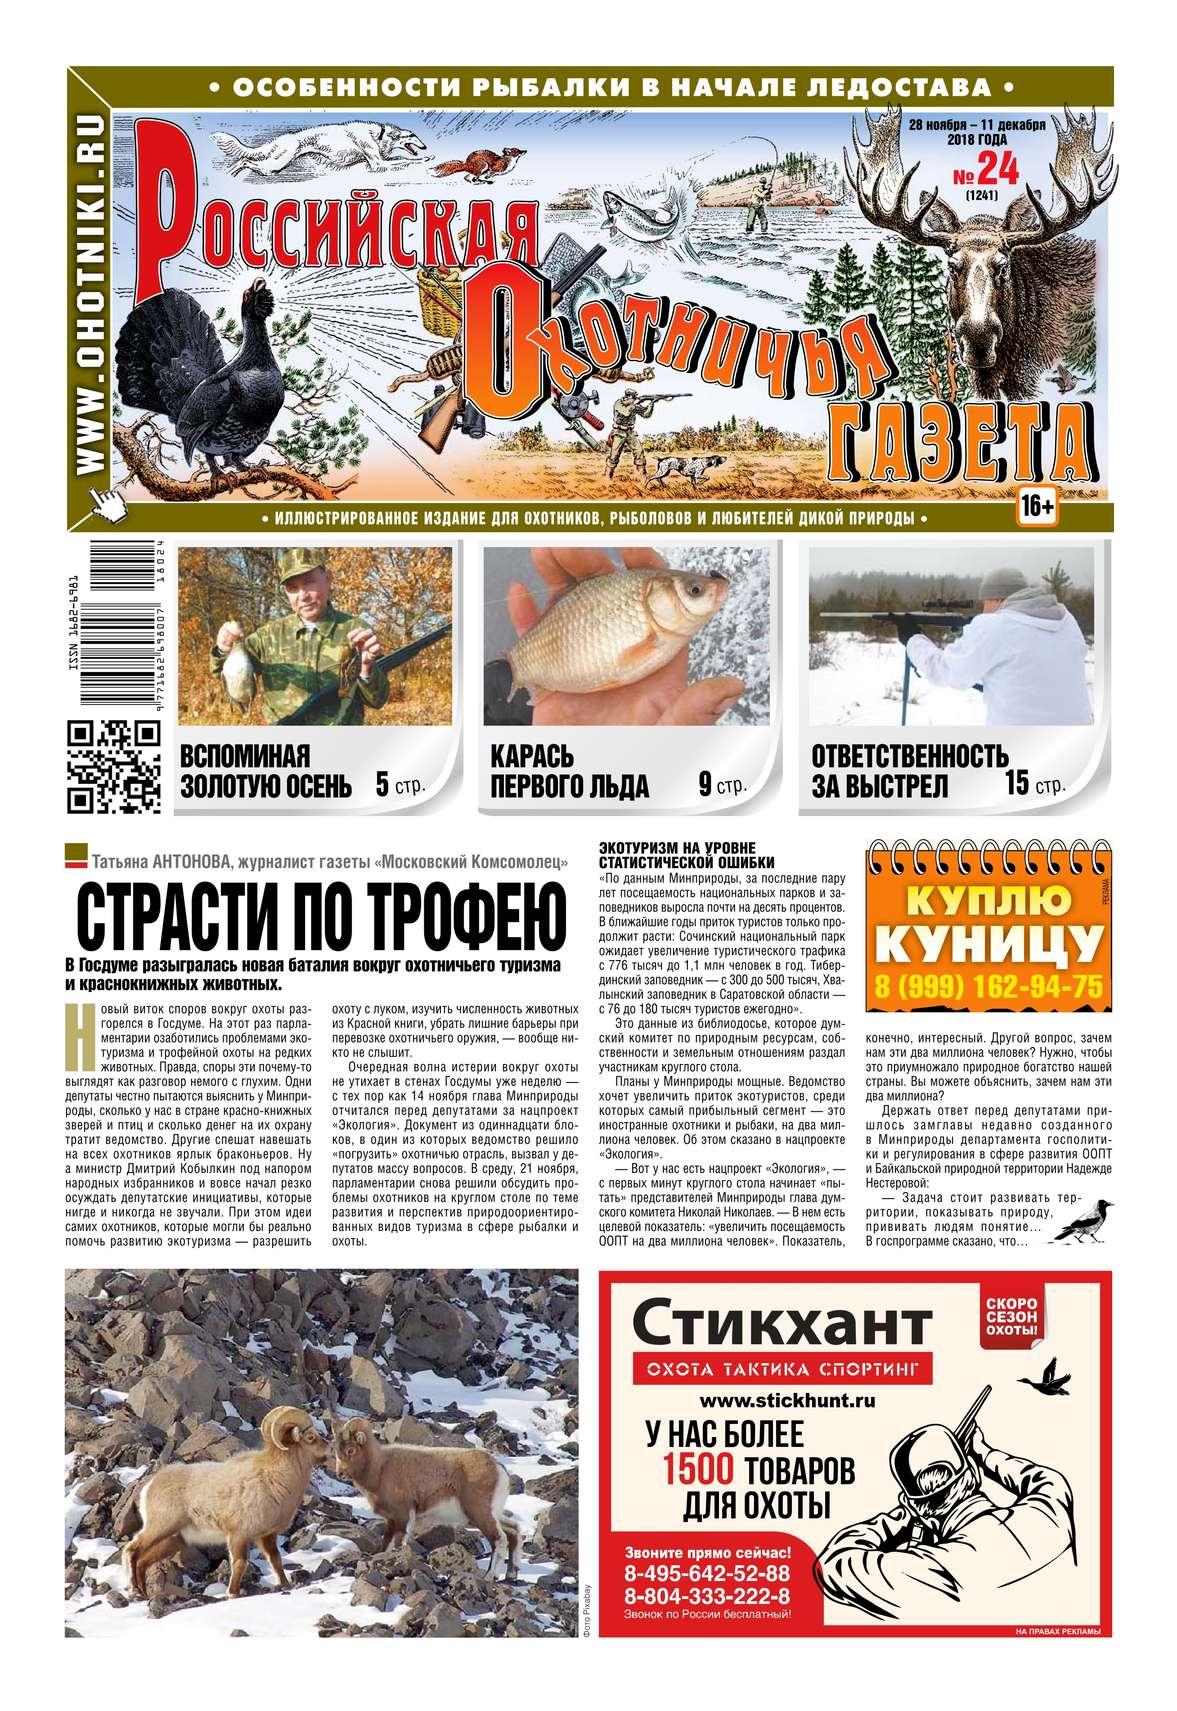 Редакция газеты Российская Охотничья Газета Российская Охотничья Газета 24-2018 цены